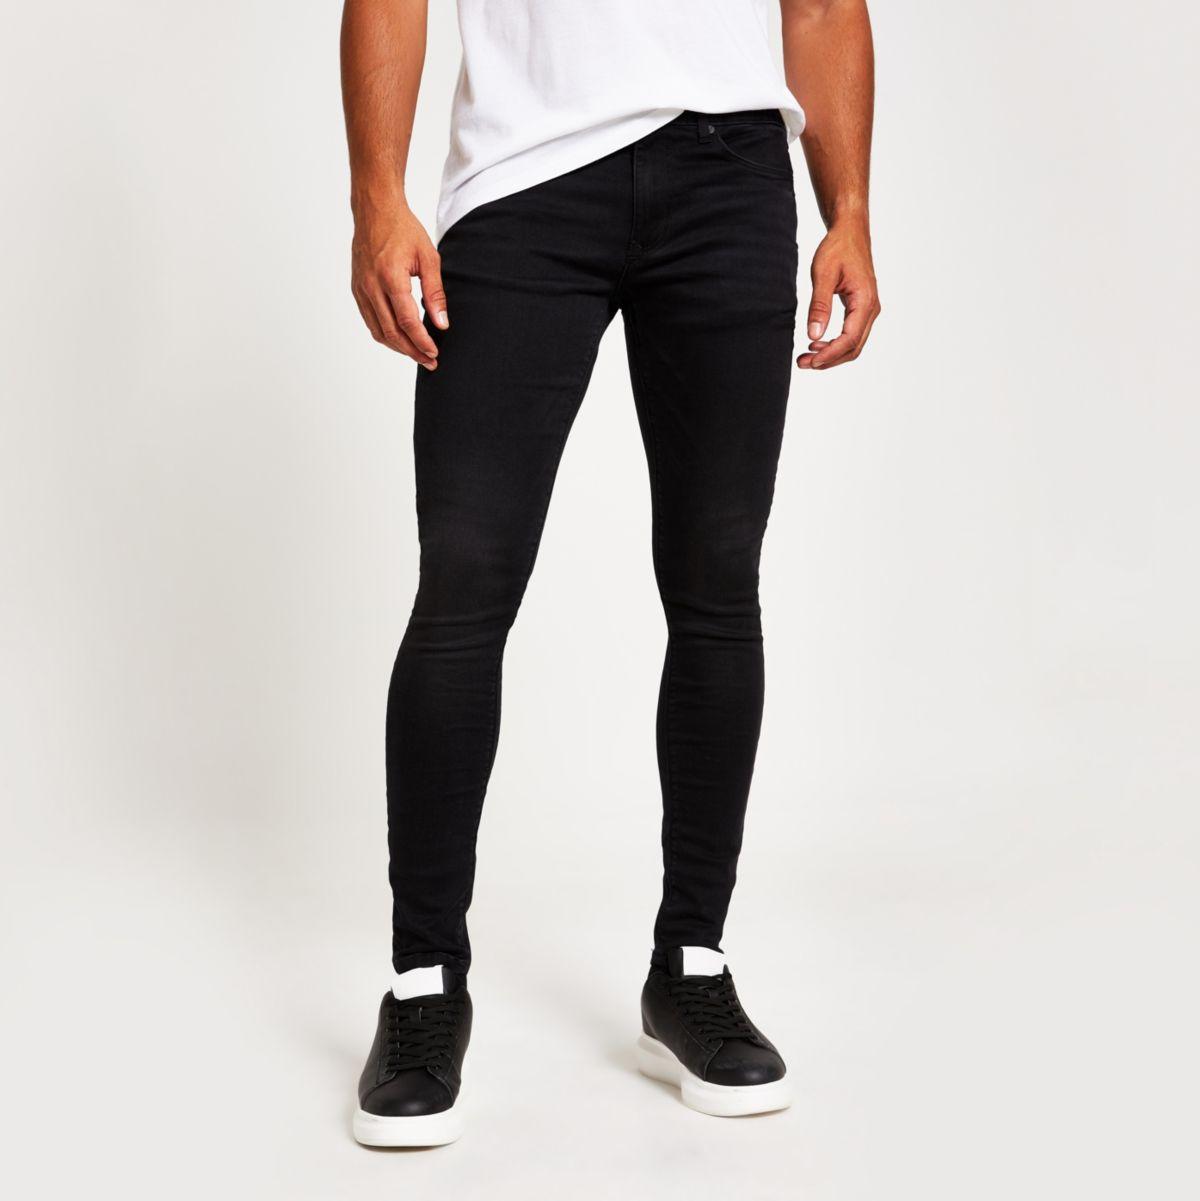 Ollie – Jean super skinny noir délavé irrégulièrement